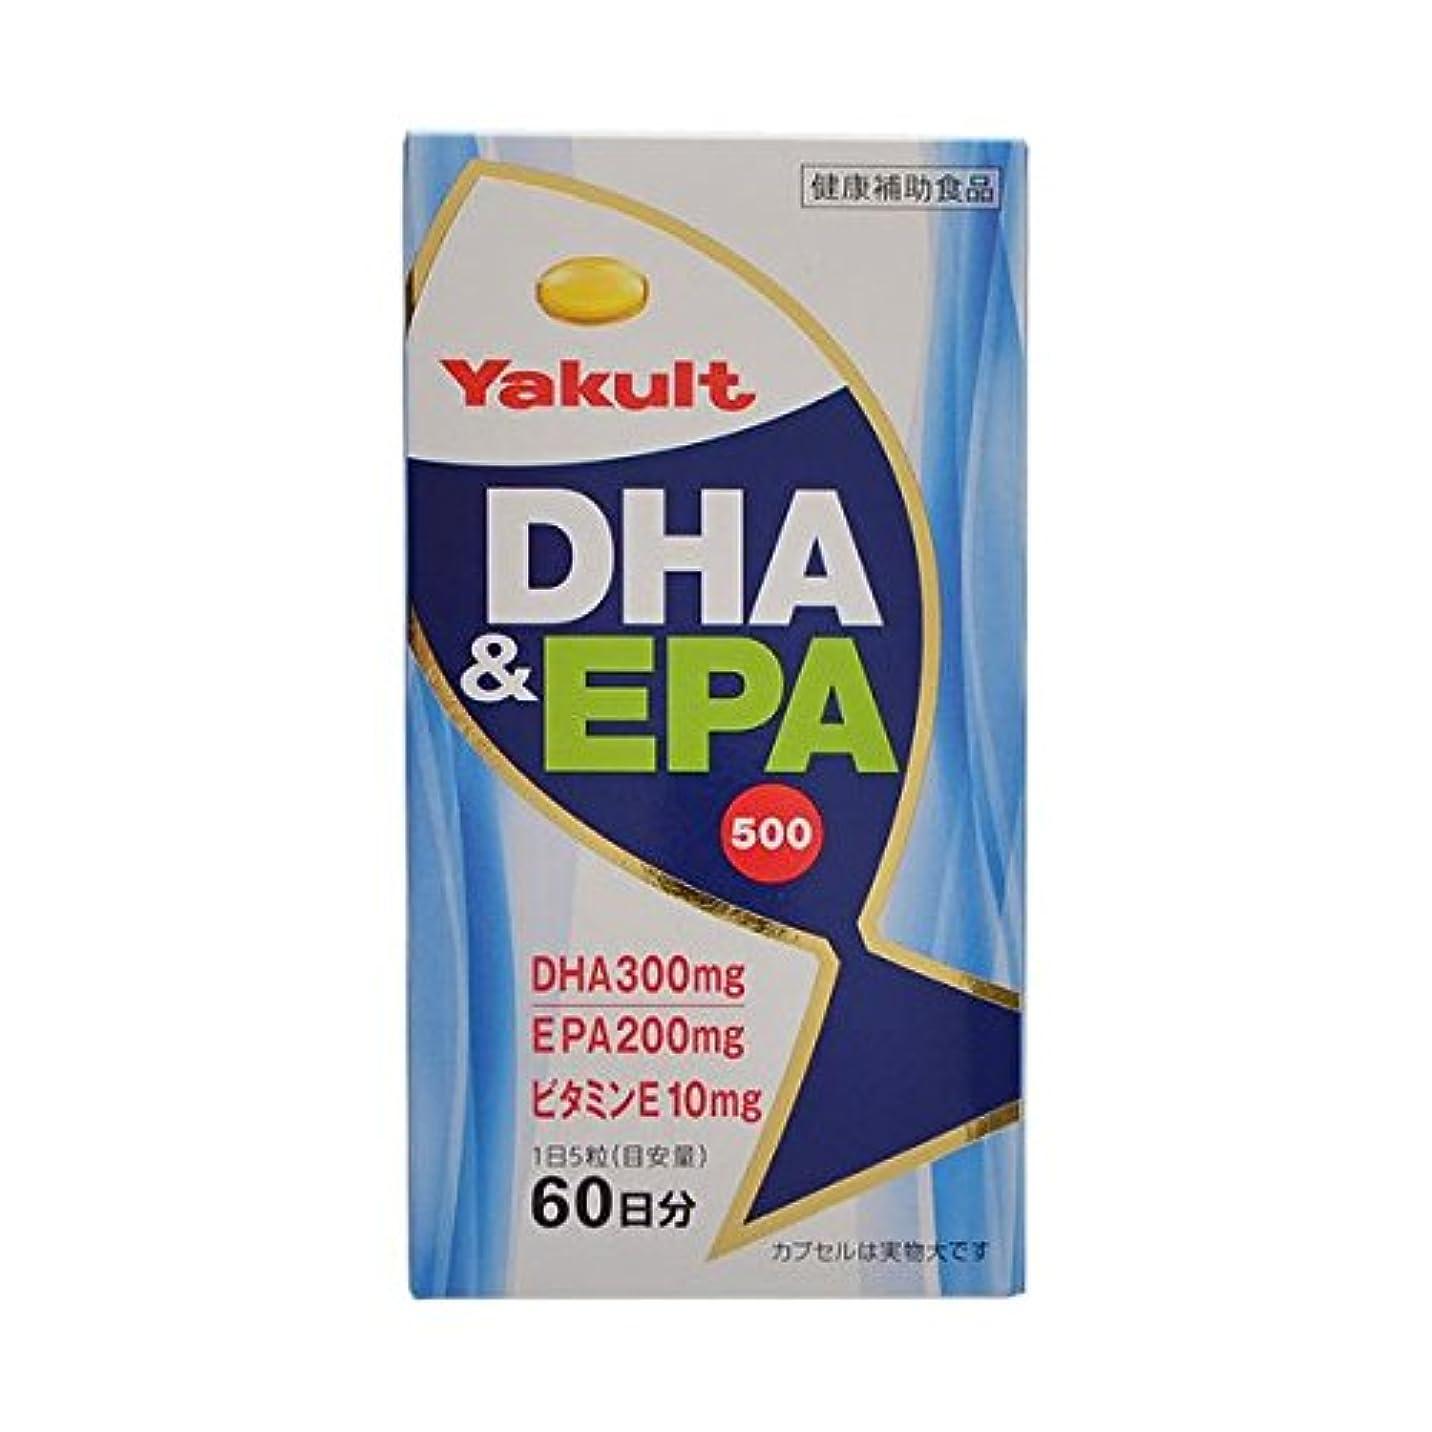 オーストラリアコンテンツ支店ヤクルト DHA&EPA500 430mg×300粒【2個セット】